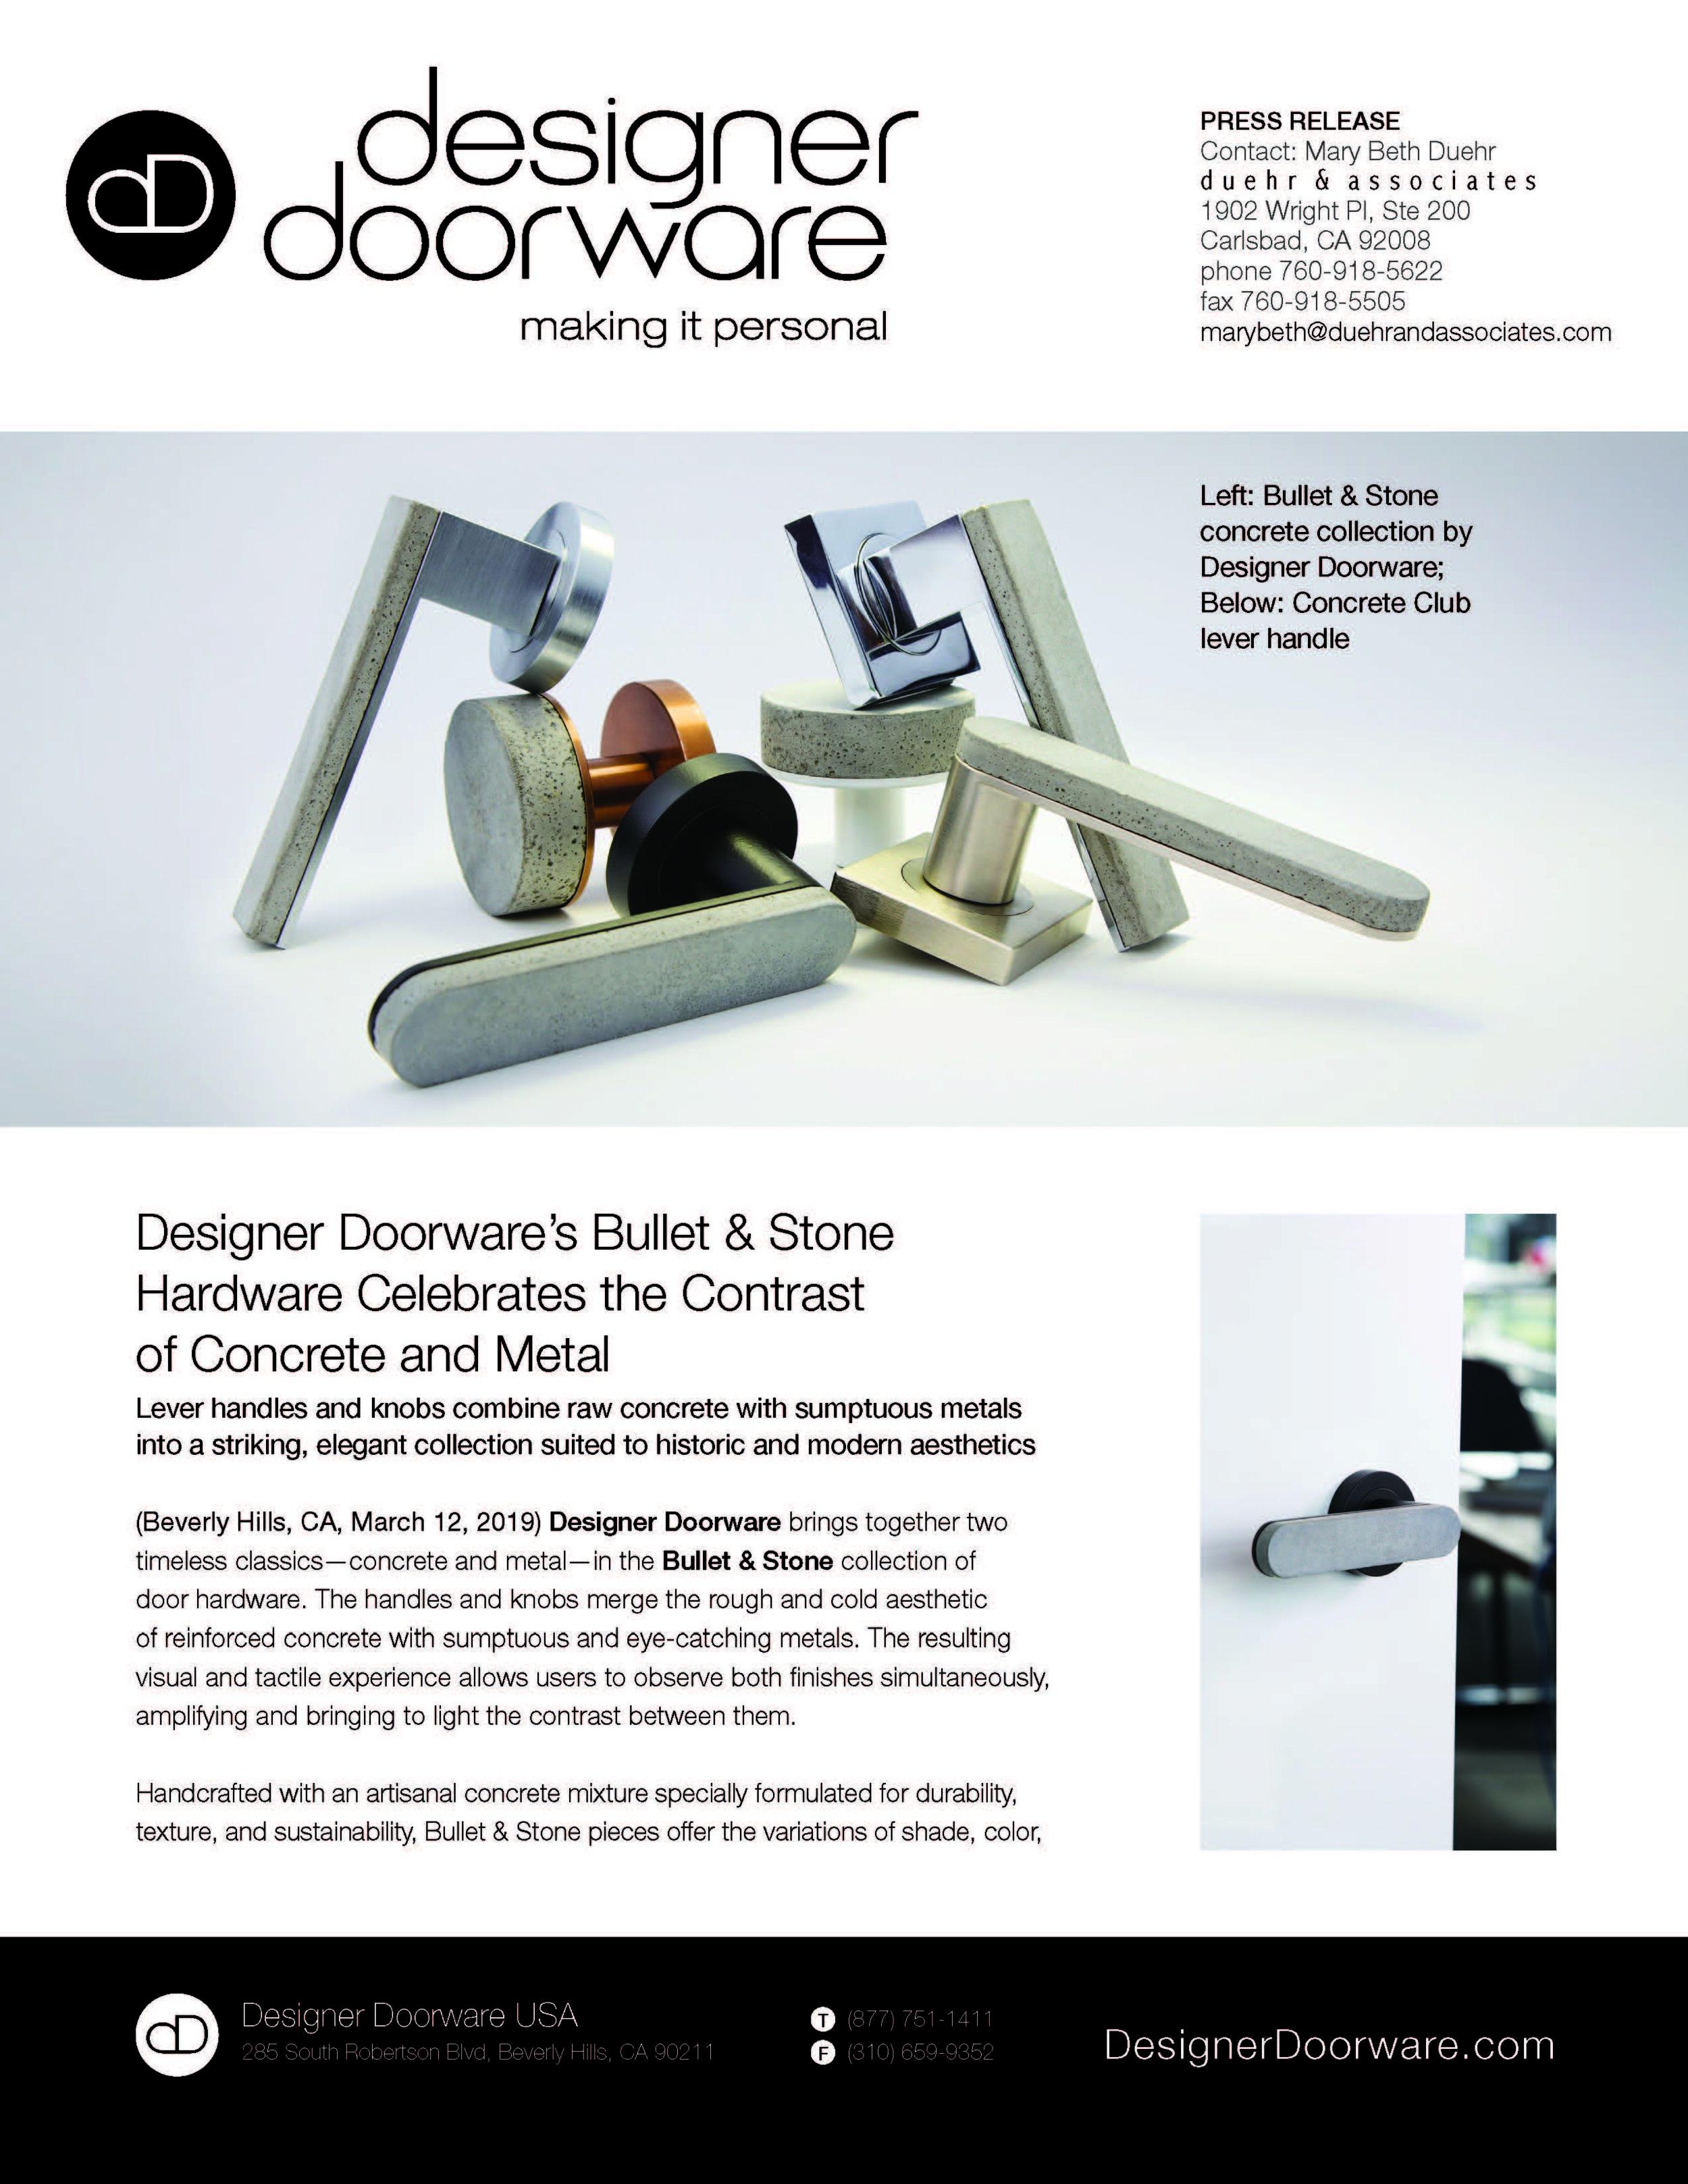 Designer Doorware Press Release